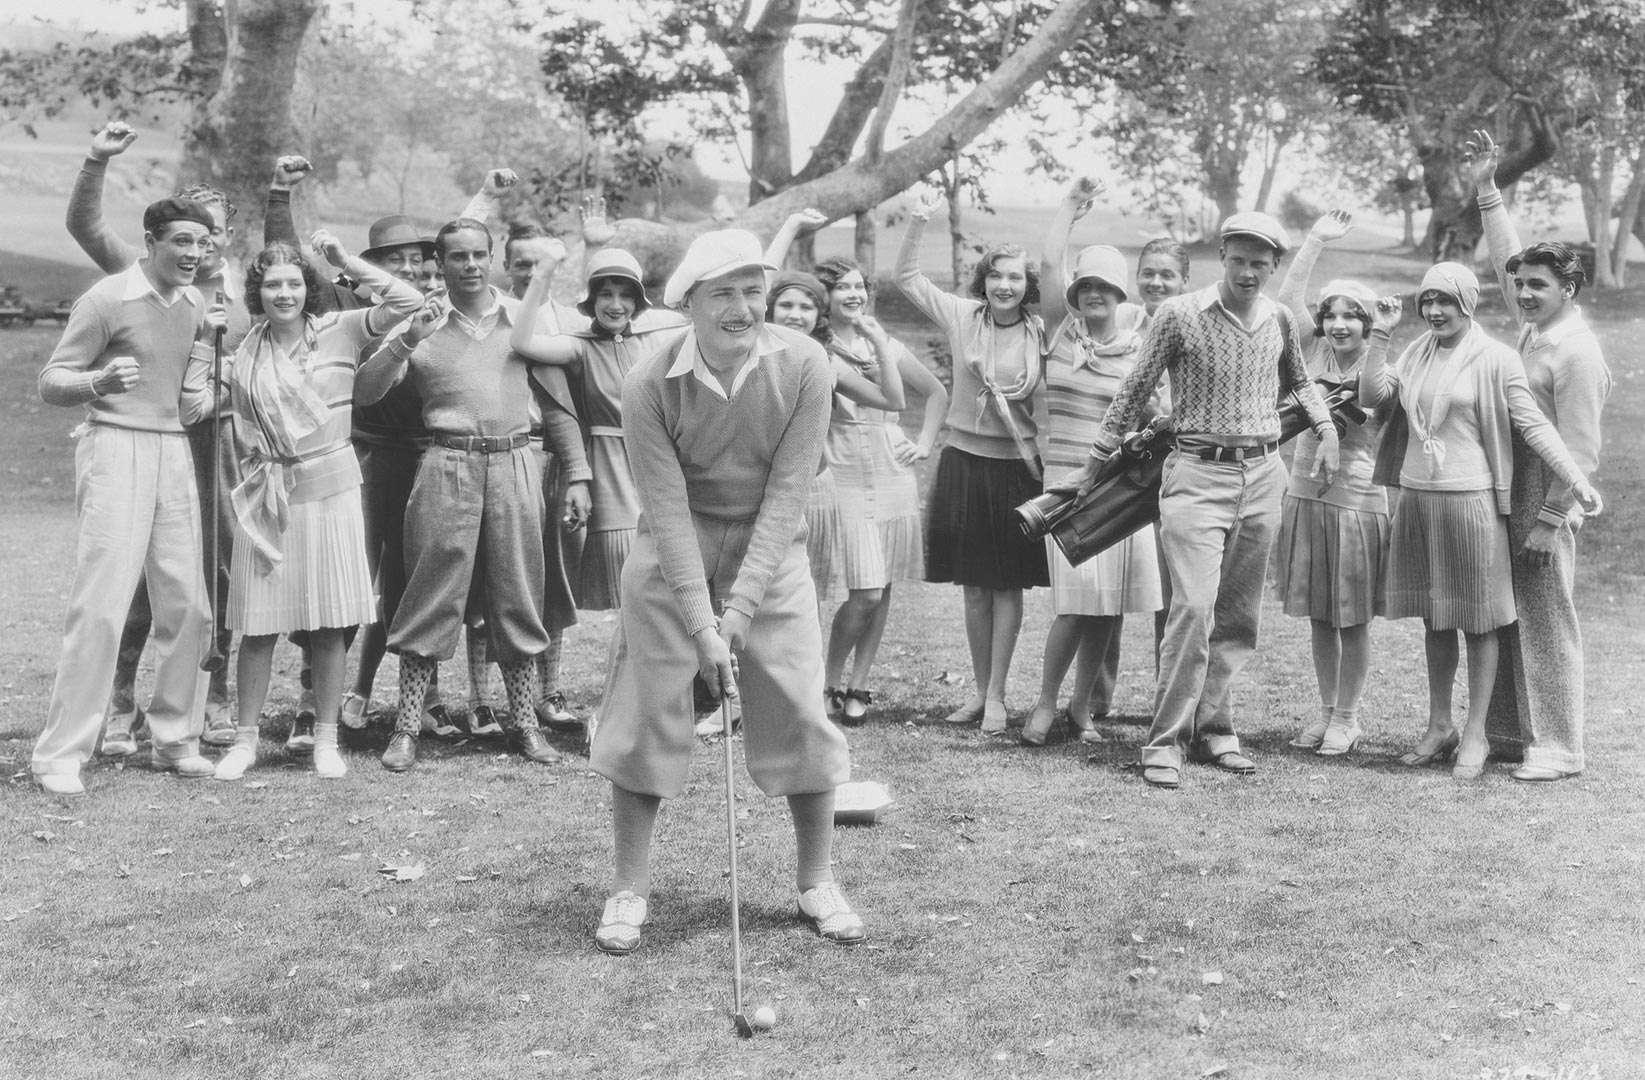 Golfsport Vorurteile